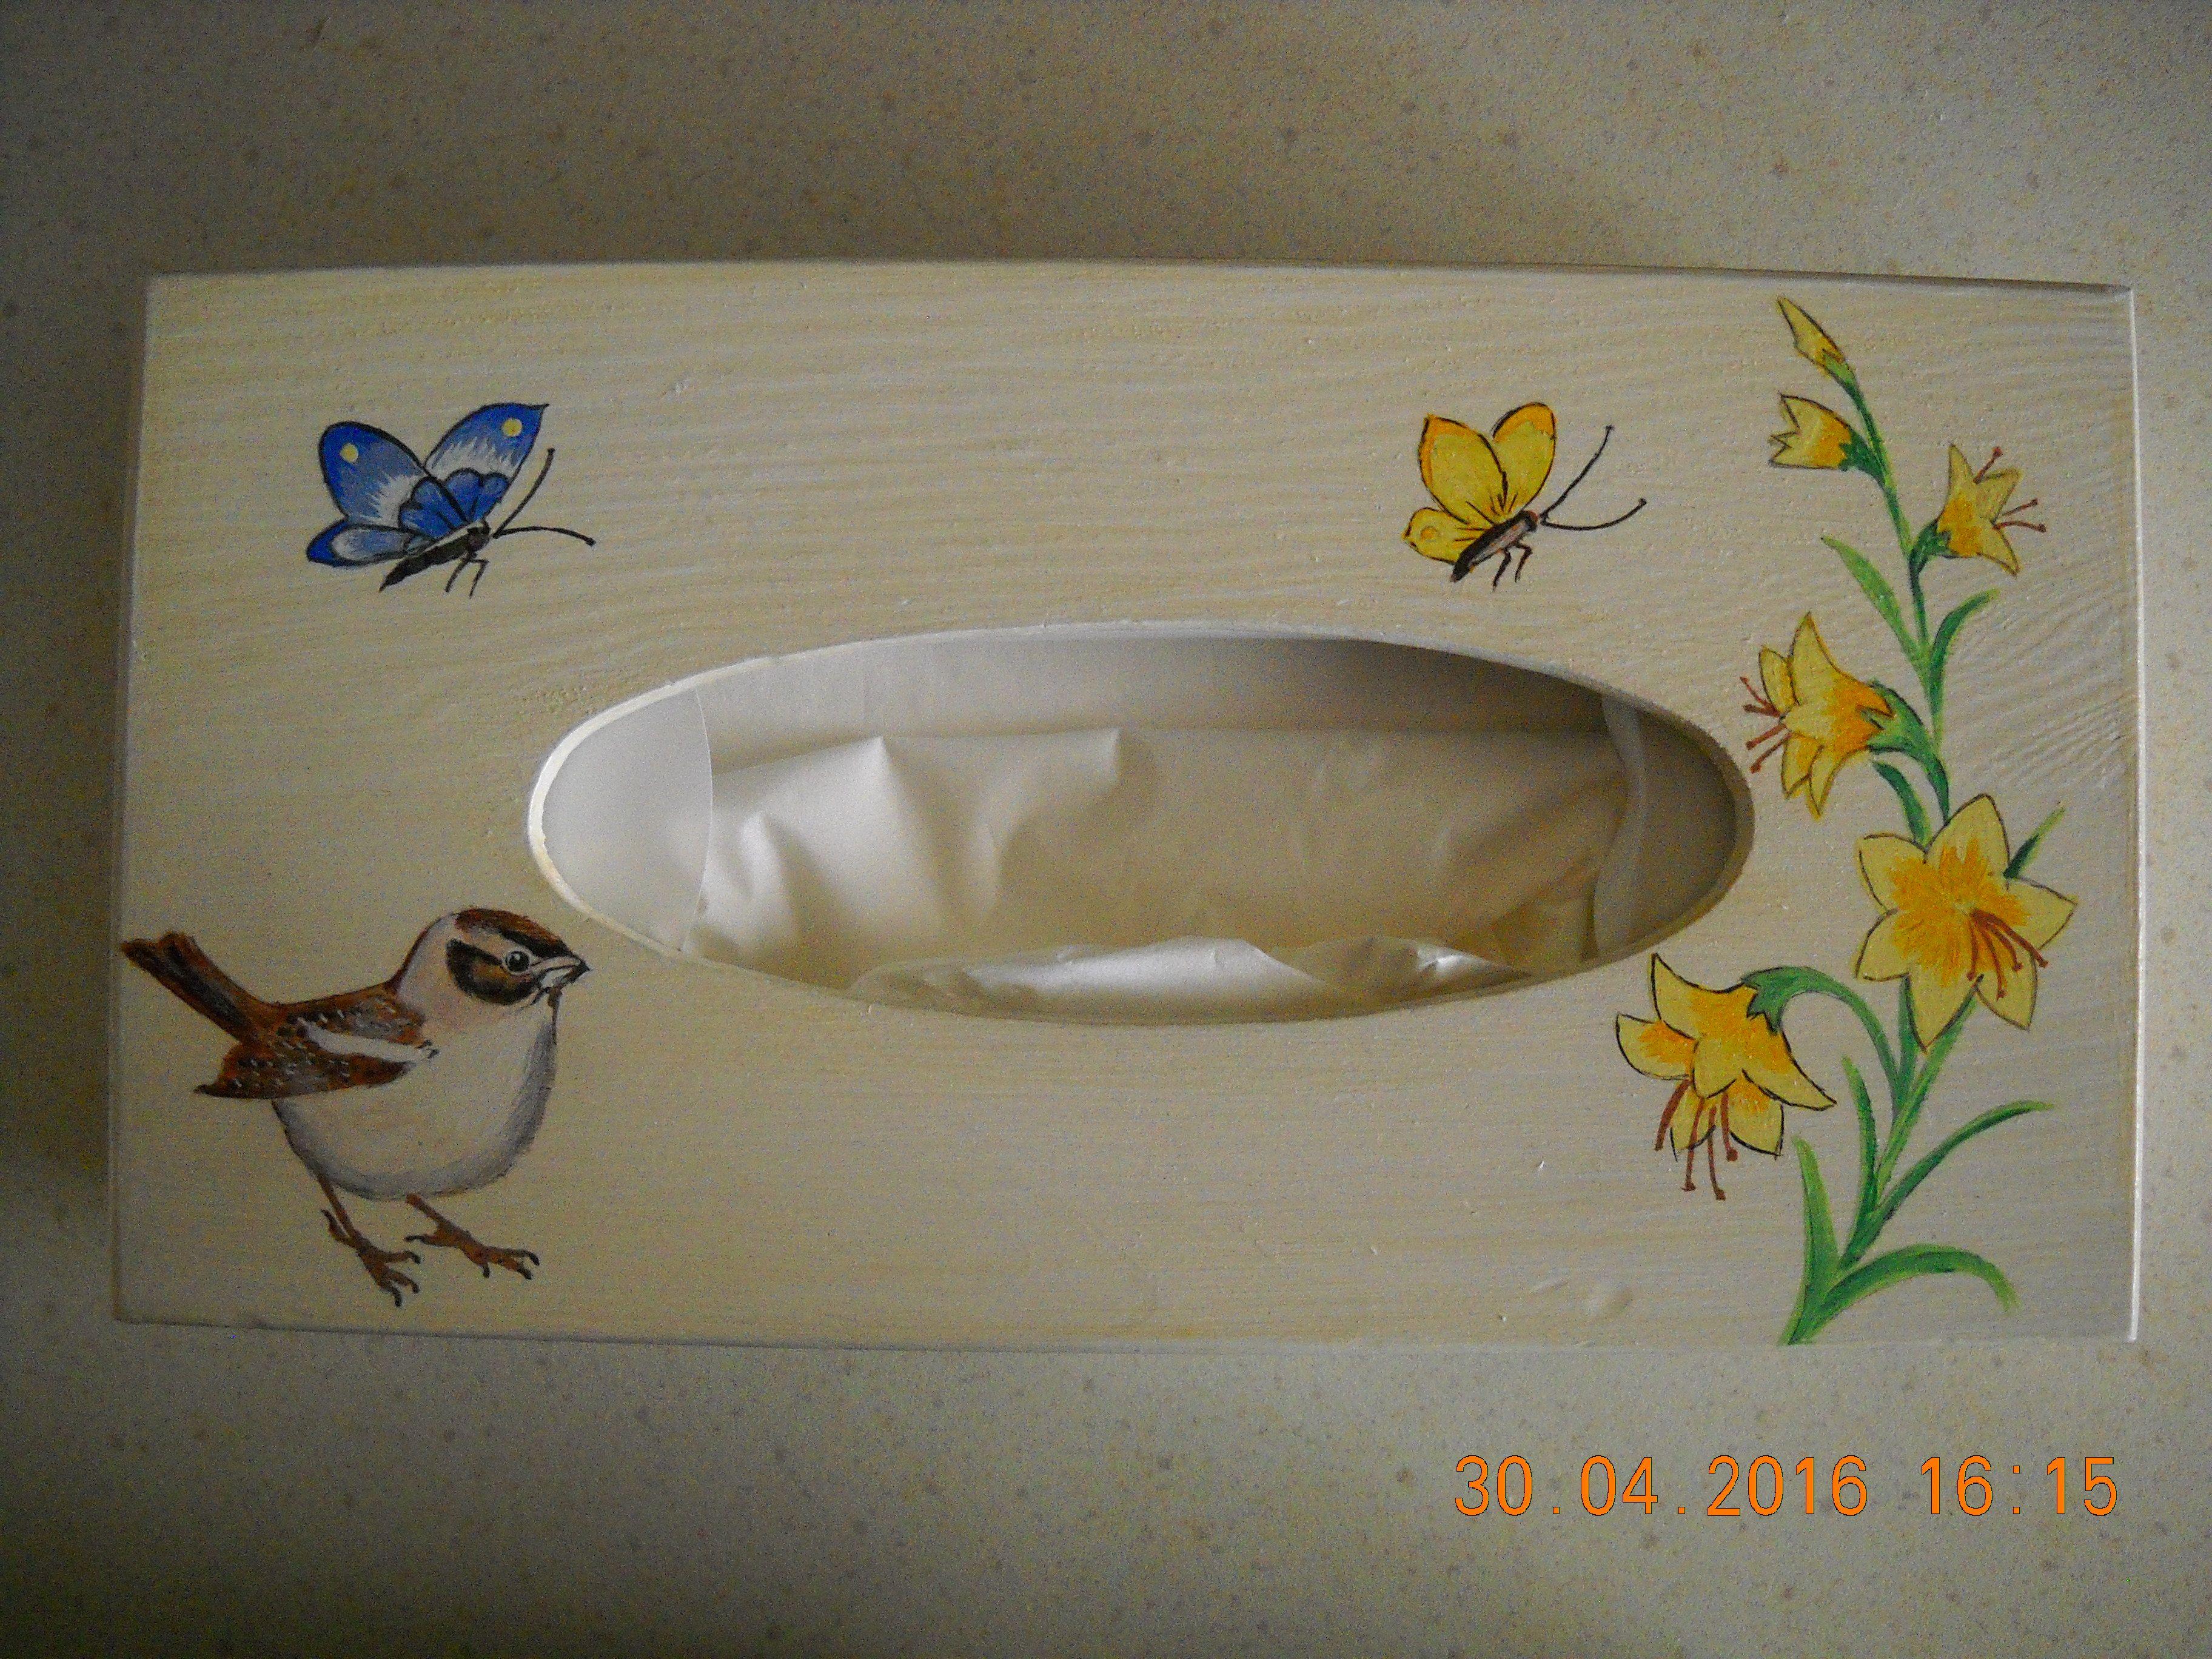 Peinture acrylique sur bois r alisation eliane eliane mes cr ations objets divers - Peinture acrylique sur bois ...